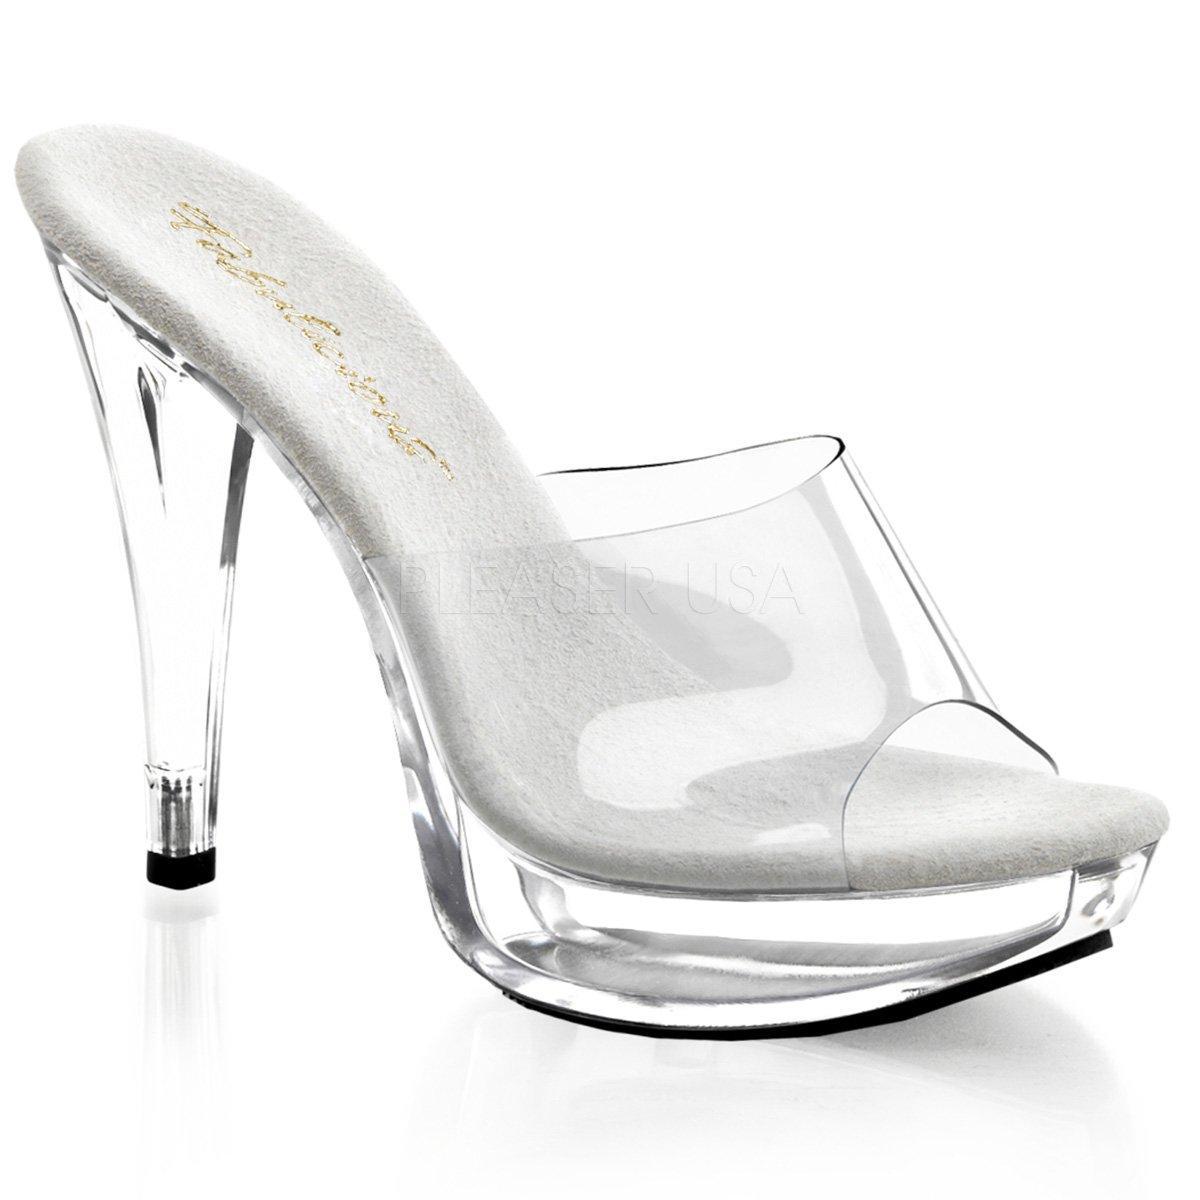 COCKTAIL-501 Průhledné dámské pantofle se stříbrnou stélkou na vysokém  podpatku ab3ae38f80